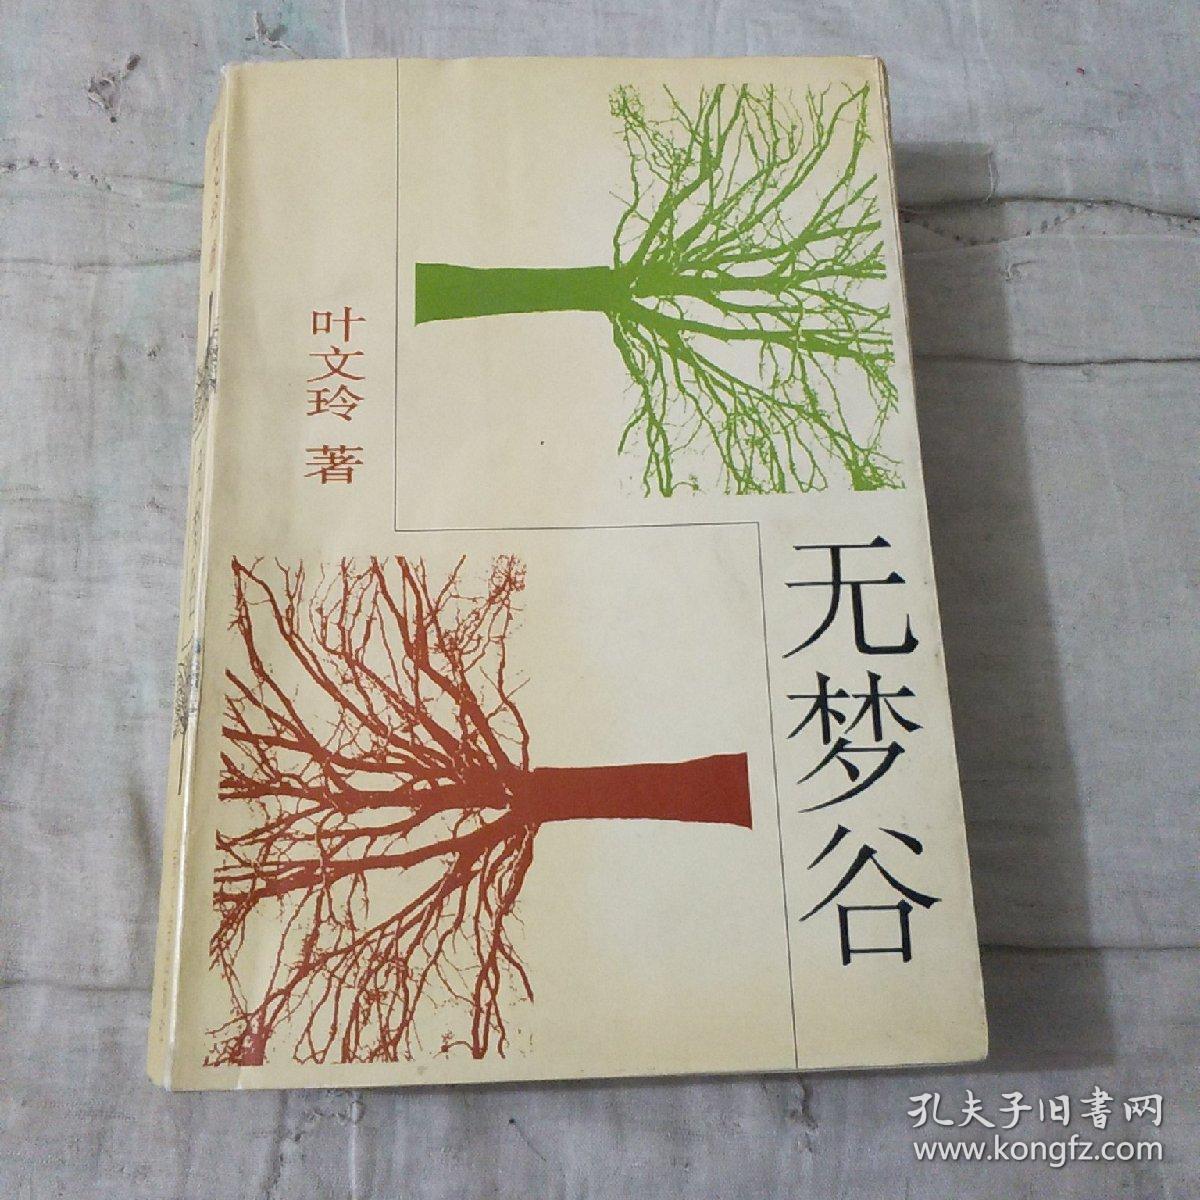 无梦谷_叶文玲著_孔夫子旧书网图片